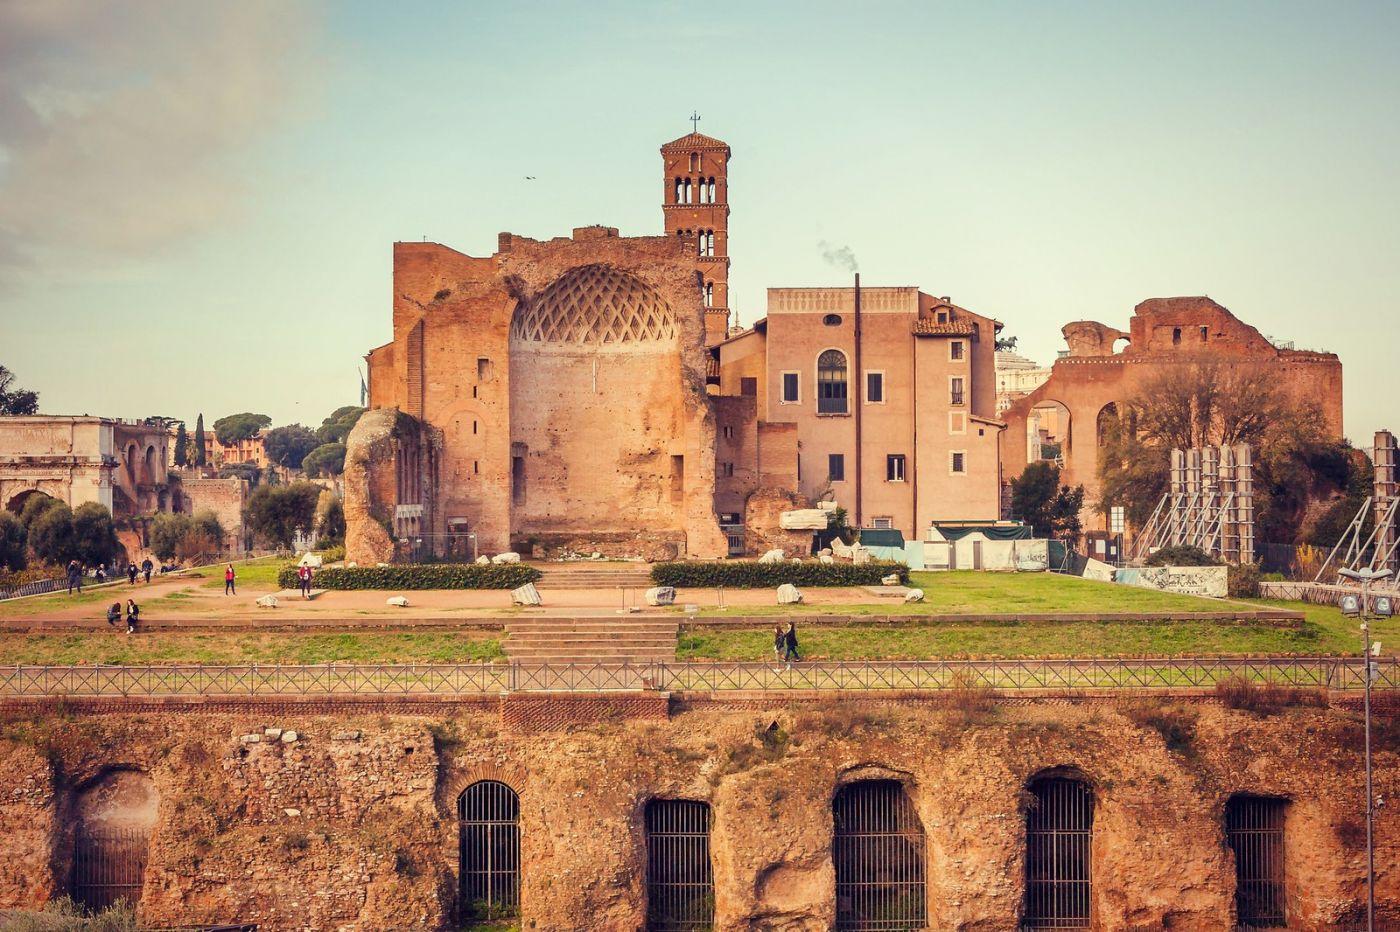 意大利罗马论坛,很敬佩_图1-2